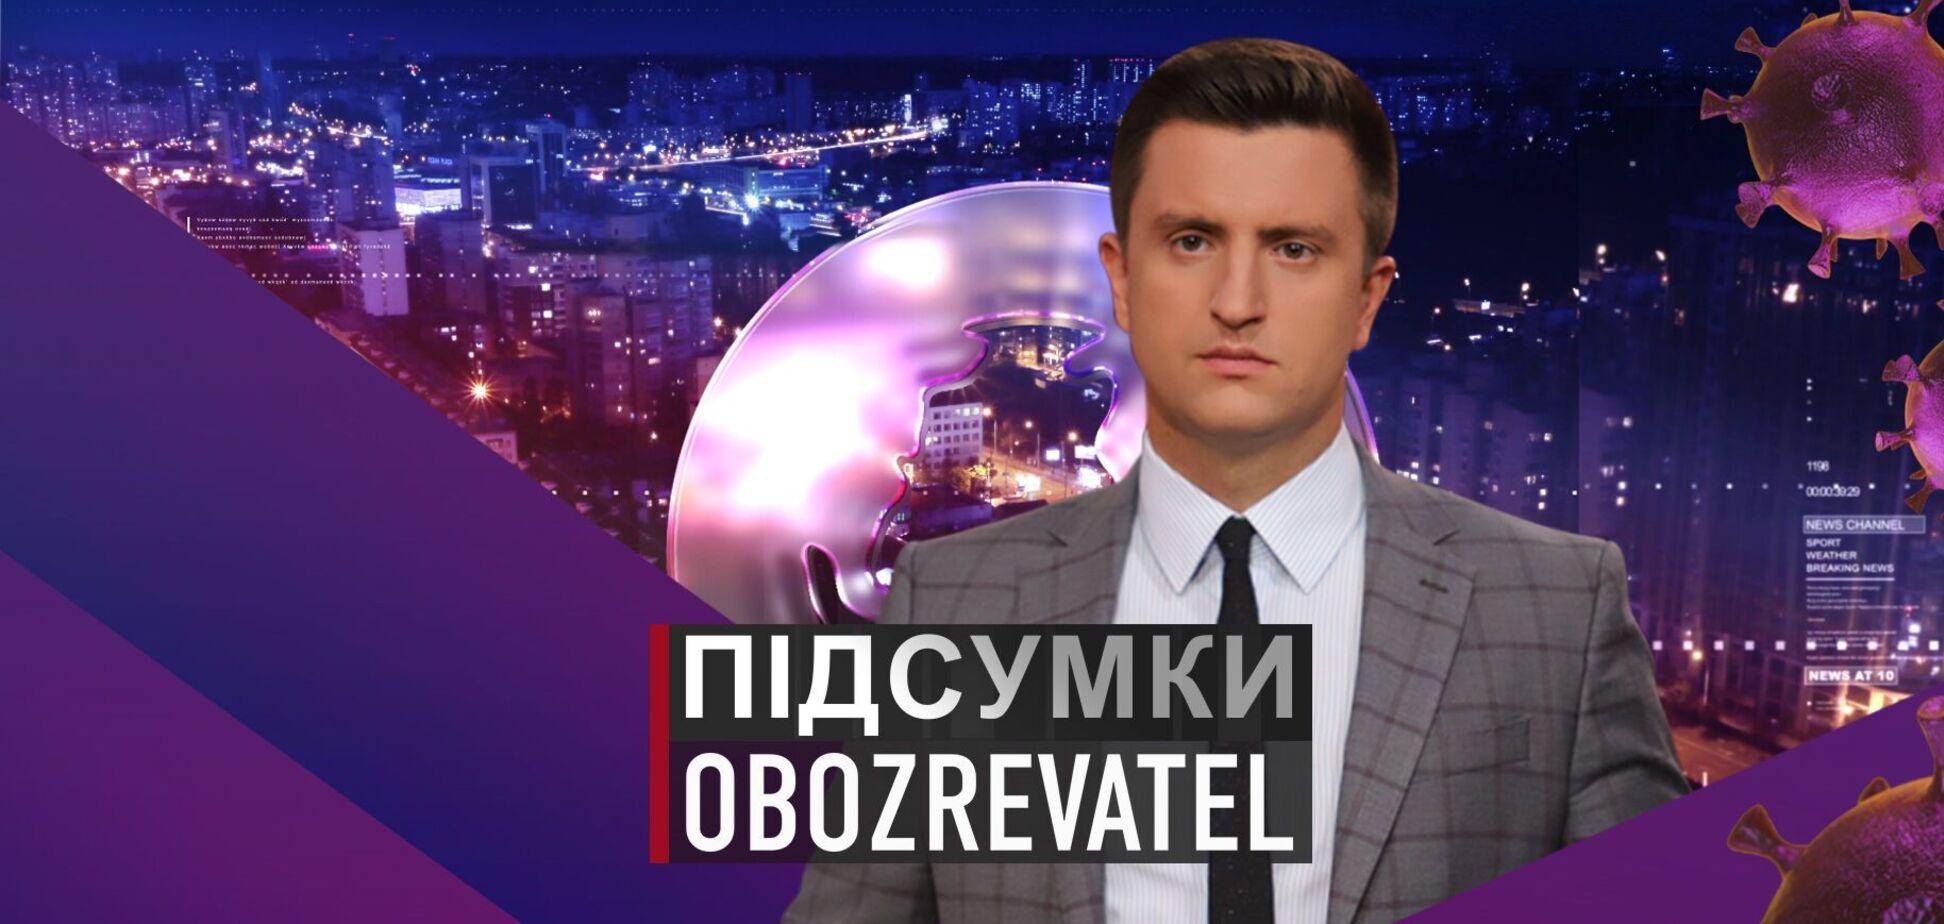 Підсумки з Вадимом Колодійчуком. Середа, 7 липня